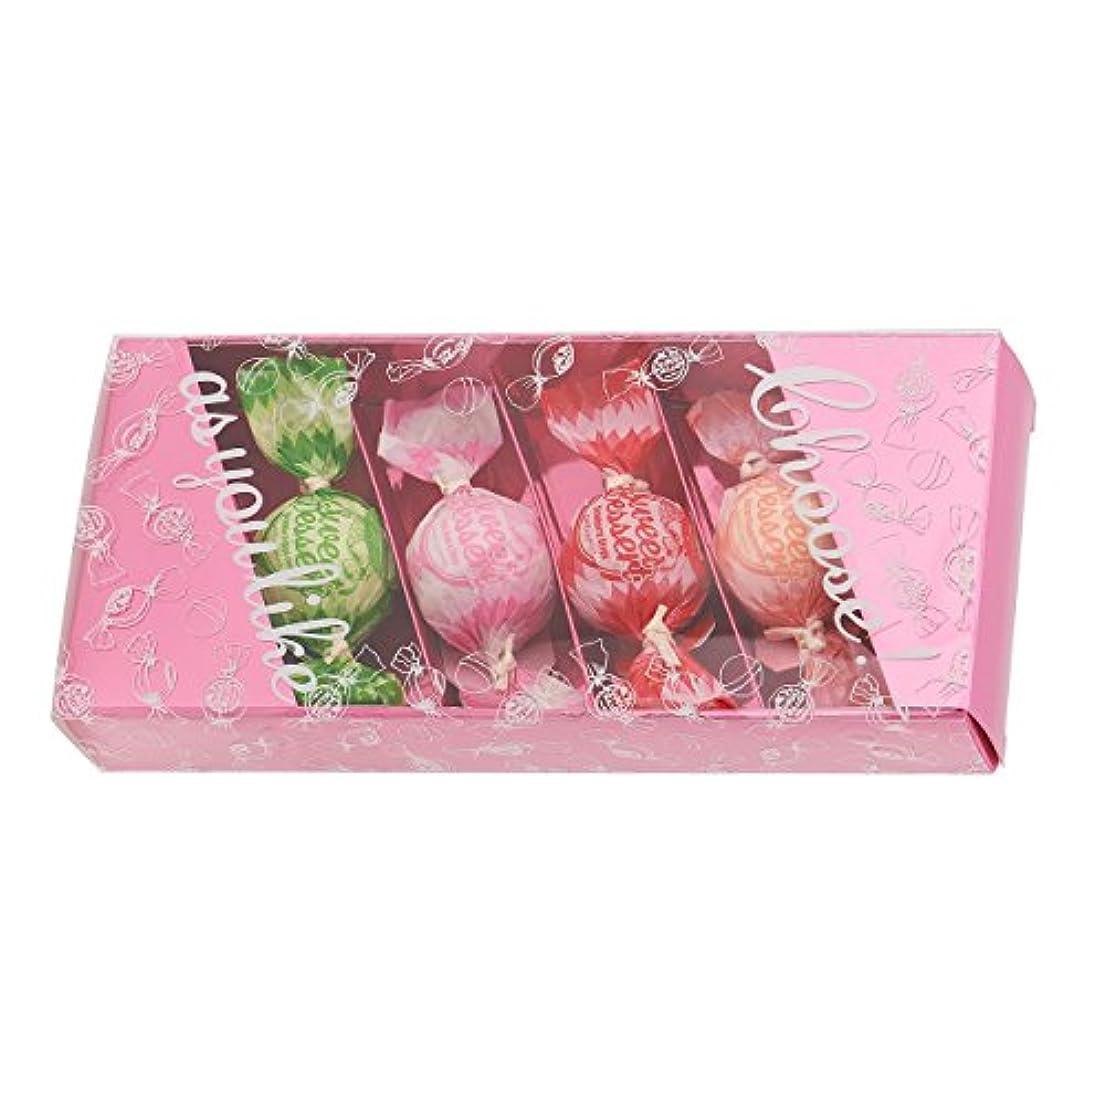 チェスをする捕虜舌アマイワナ バスキャンディー4粒ギフトセット(35g×4個) ピンク(発泡タイプ入浴料 バスギフト)